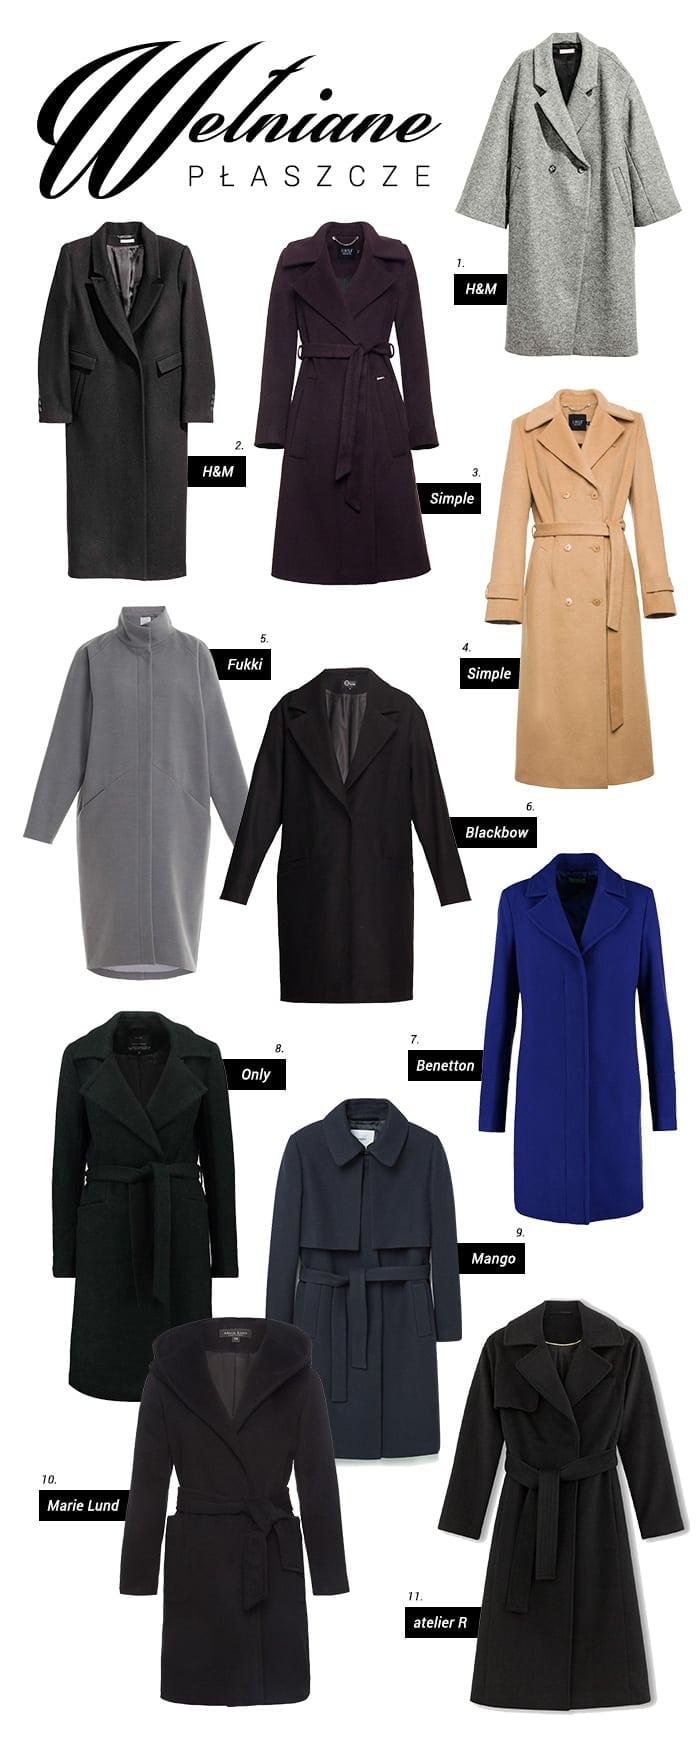 Bardzo Gdzie kupić - wełniany płaszcz #IT-42